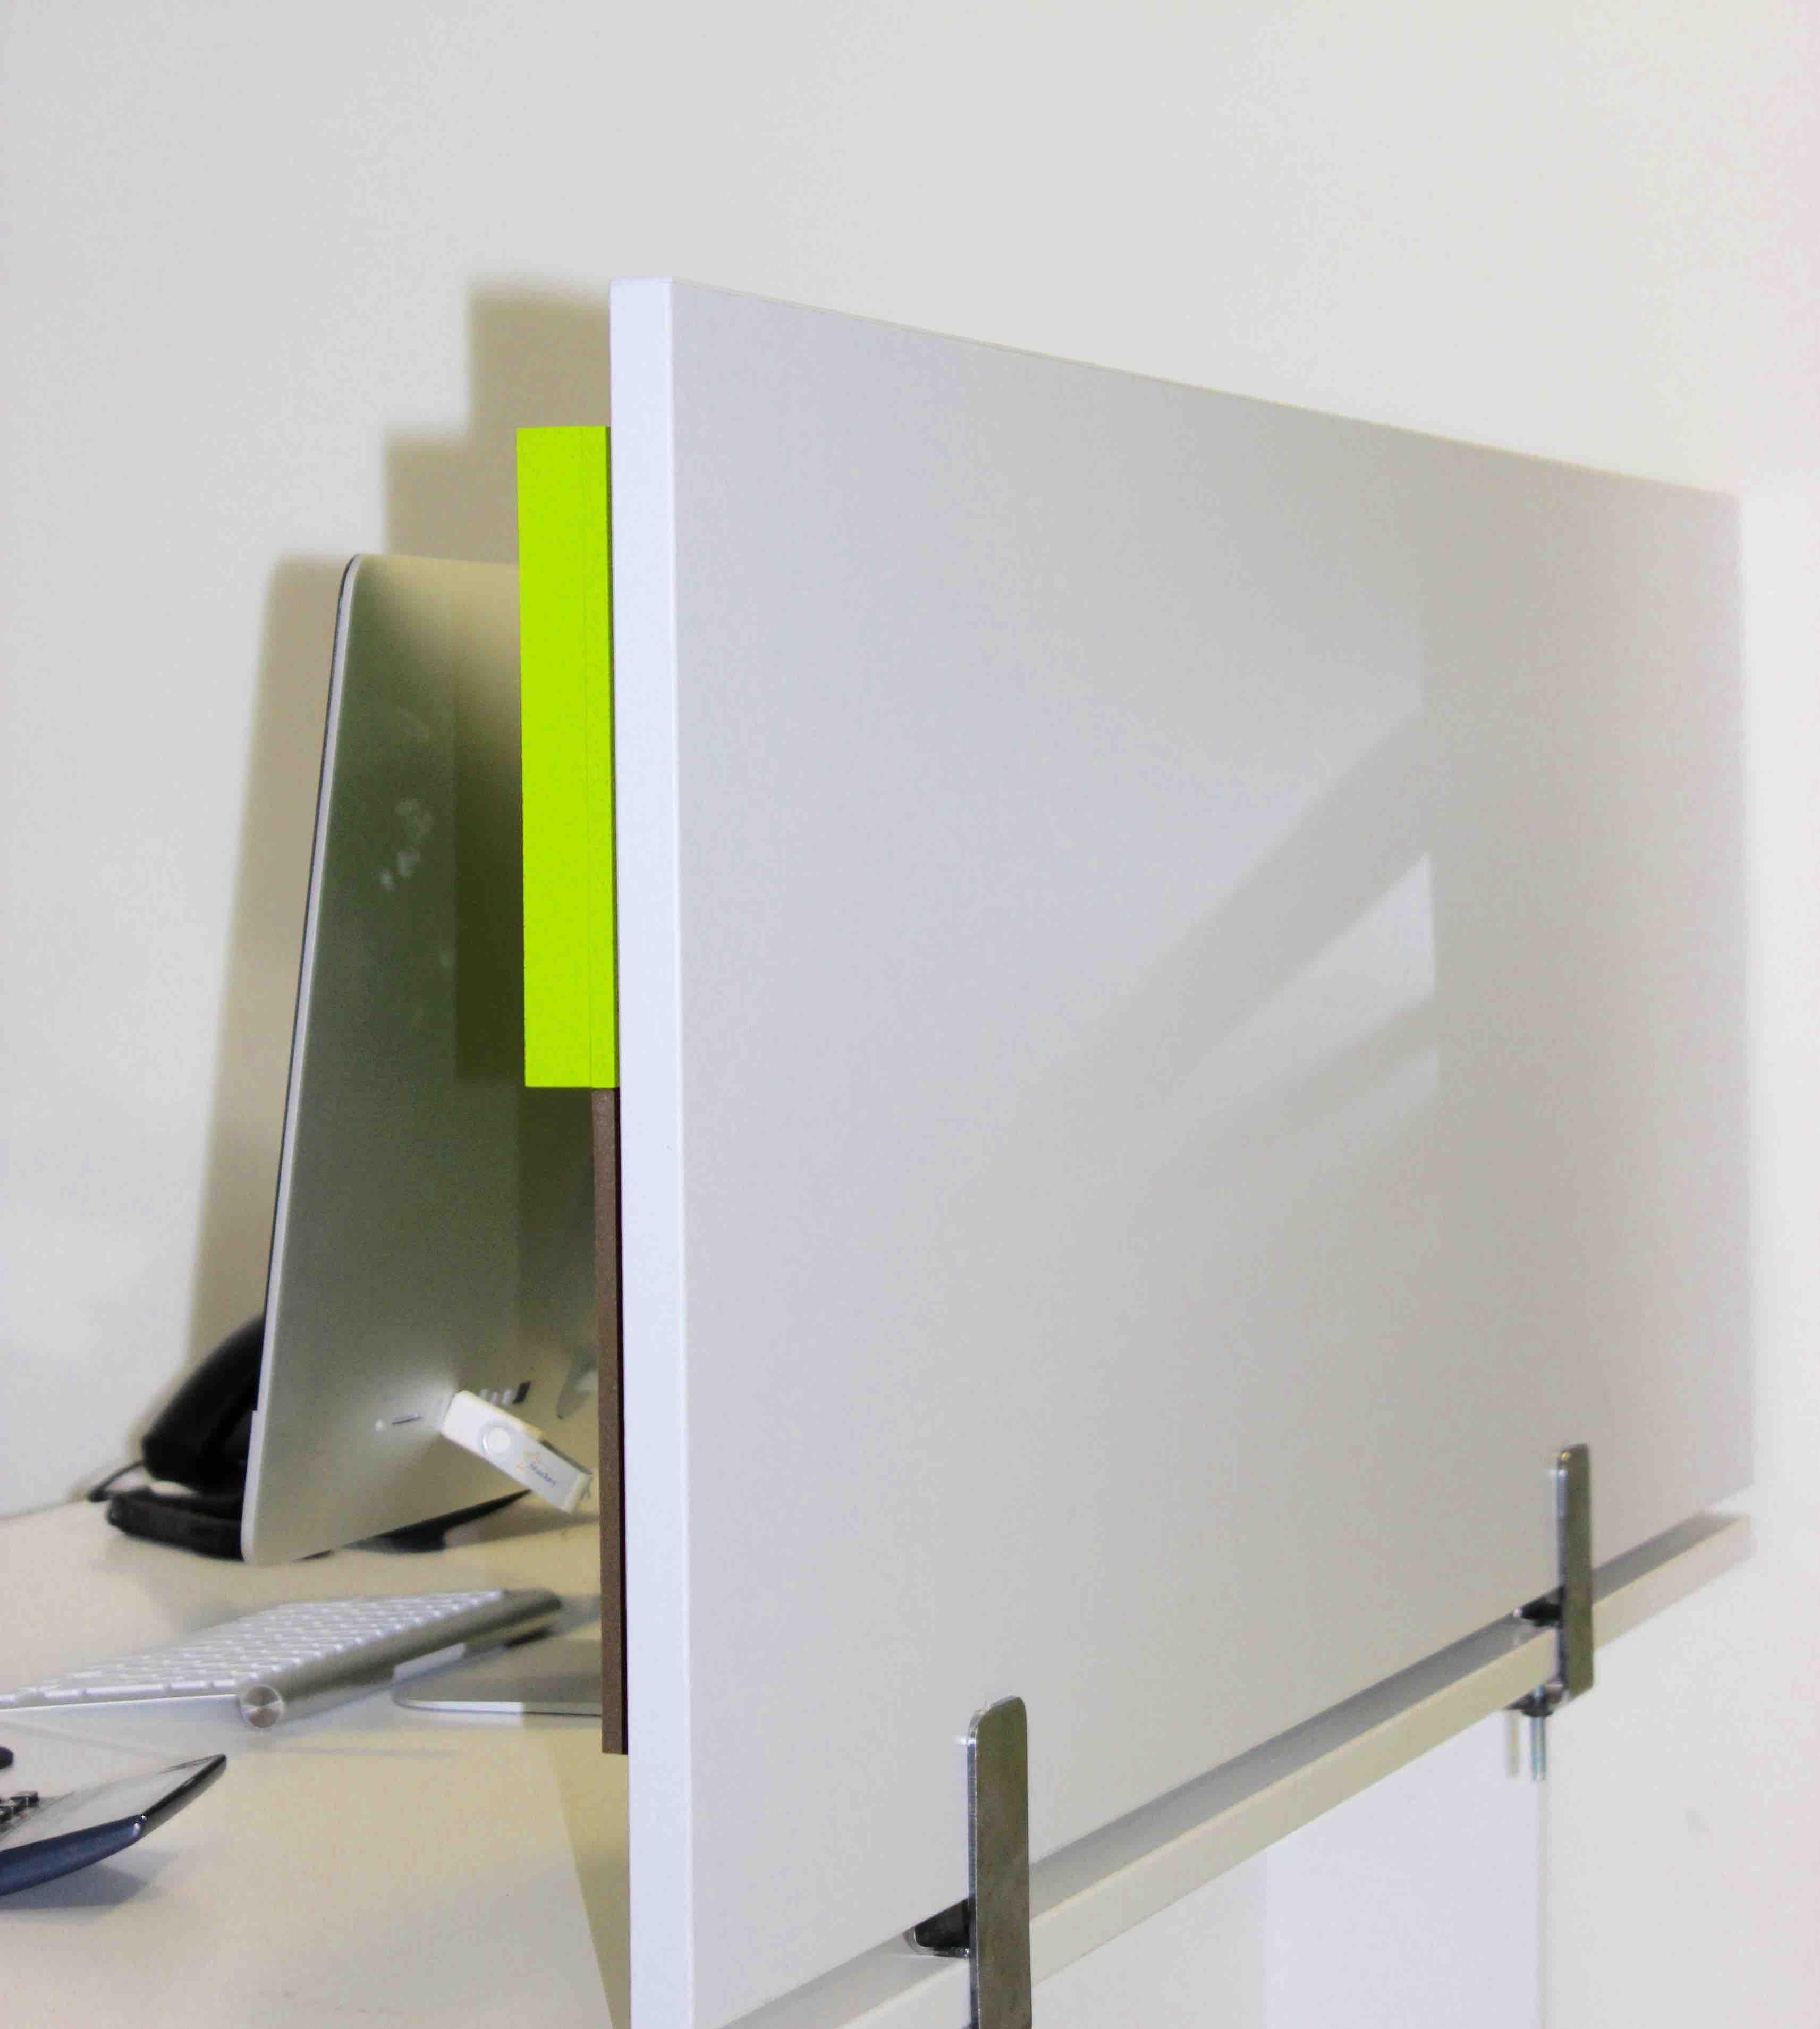 Cloison acoustique damier 3d sur bureau - Cloison acoustique bureau ...